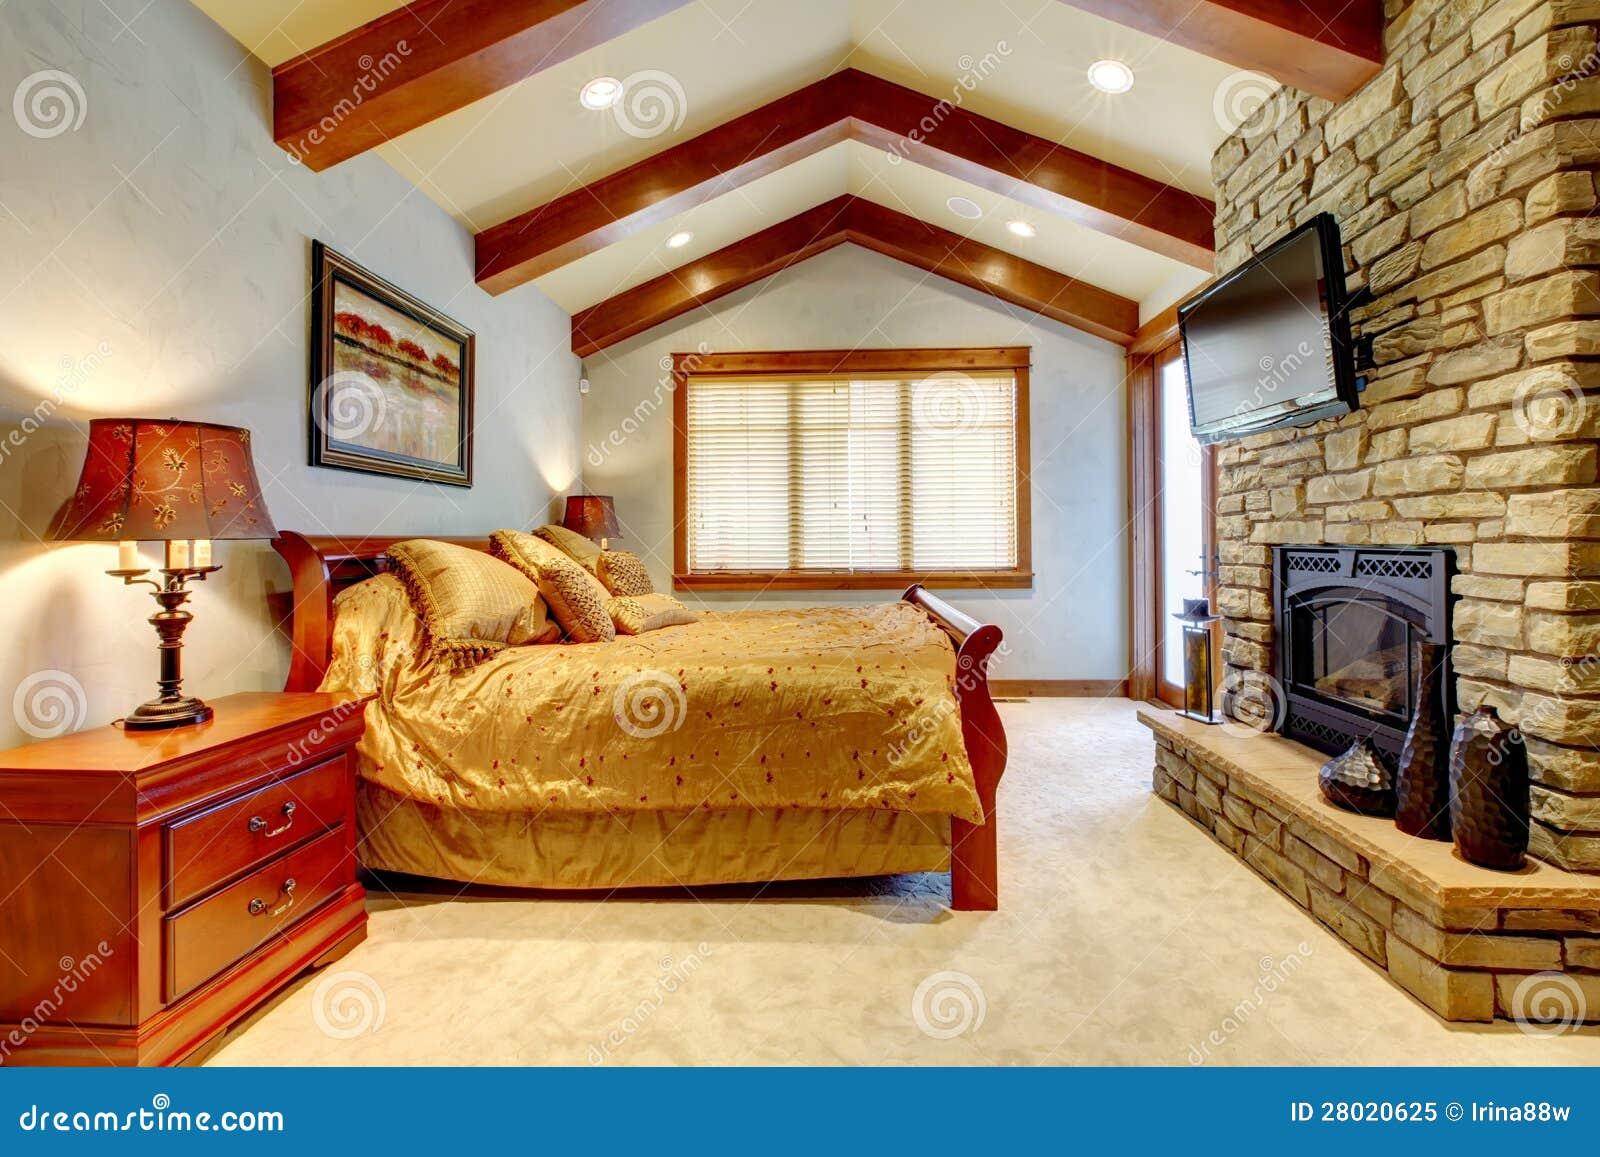 Camera da letto di lusso della casa della montagna immagine stock immagine 28020625 - I segreti della camera da letto ...